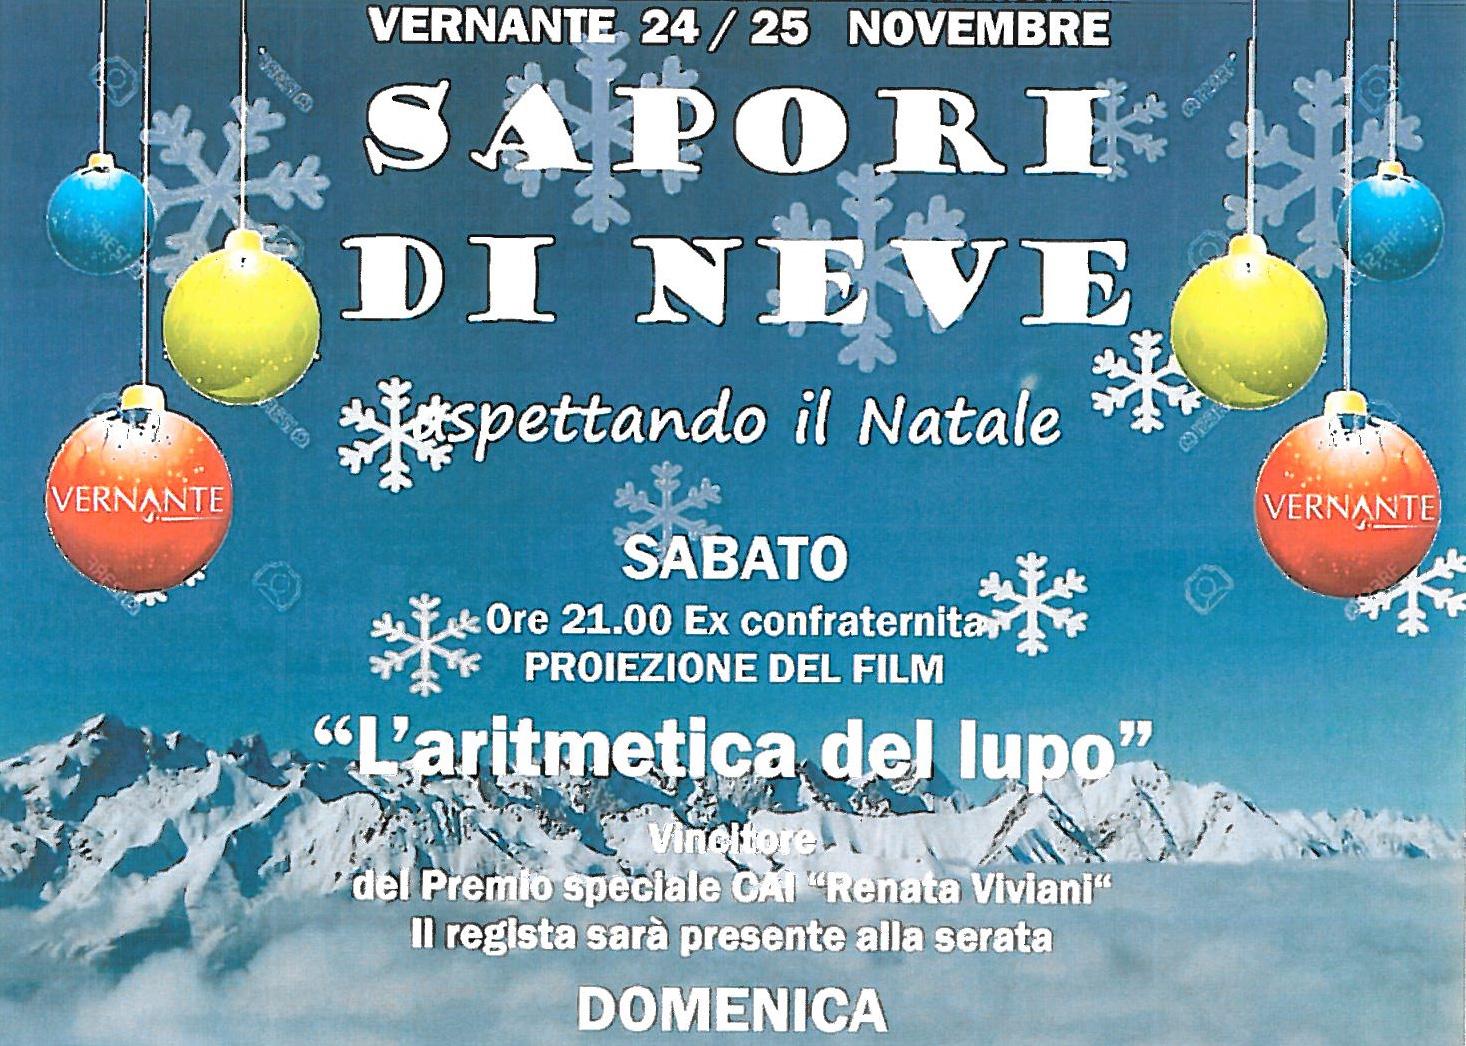 Sapori di neve: appuntamento a Vernante il 24 e 25 novembre